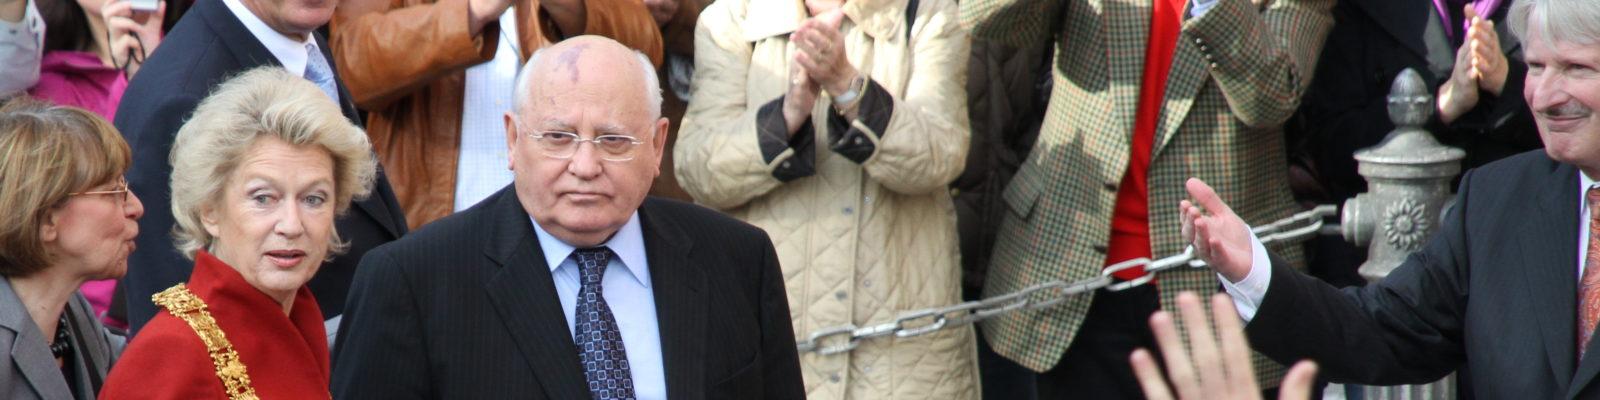 """Gorbatschow fordert """"eine neue Politik in ganz Europa – Russland eingeschlossen""""!"""